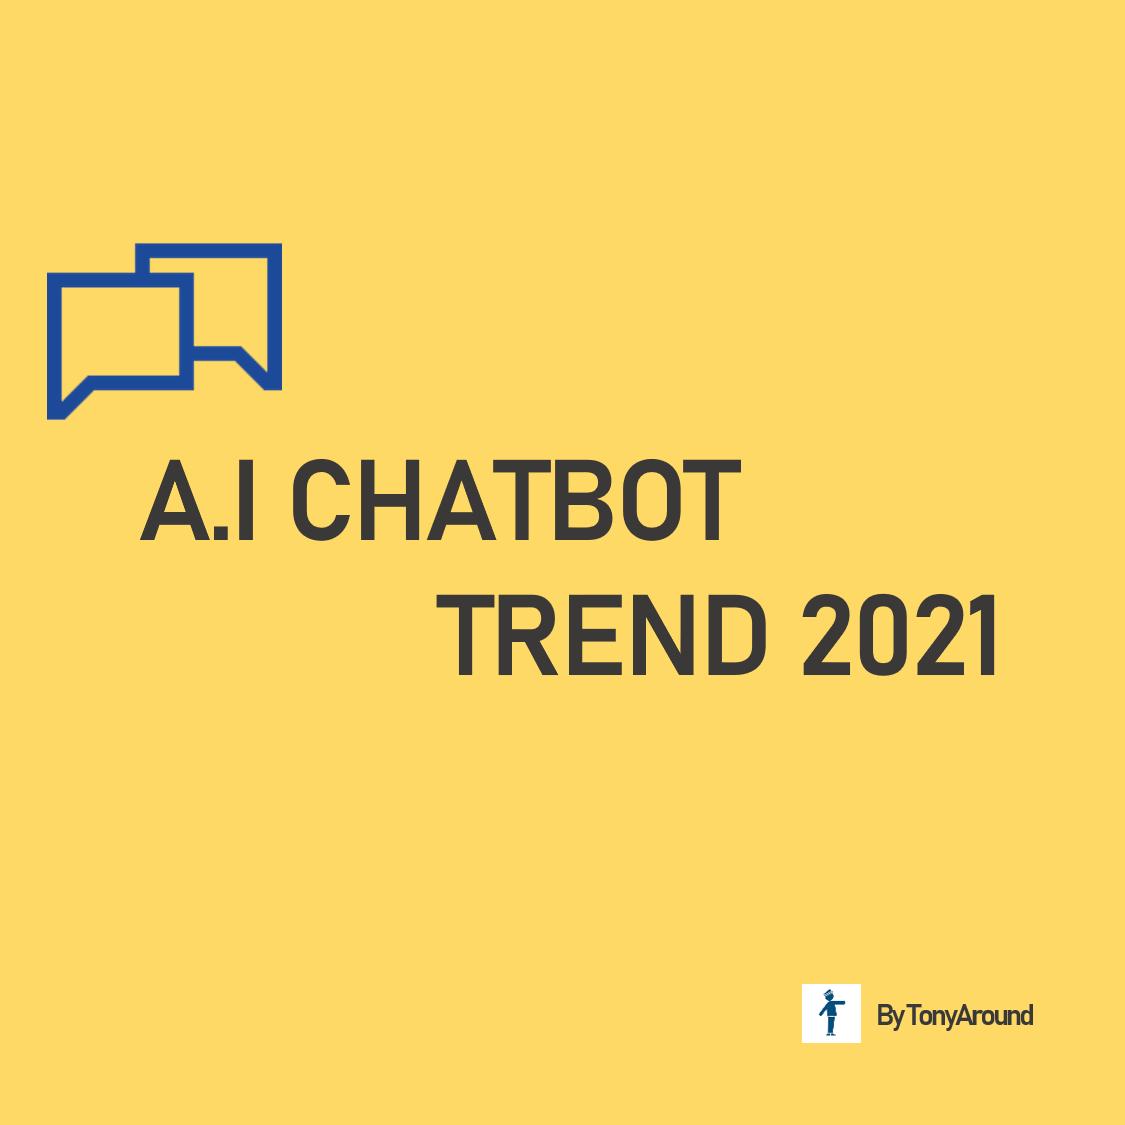 인공지능 챗봇 트렌드 2021: 산업 별 전망 (기타 등등)